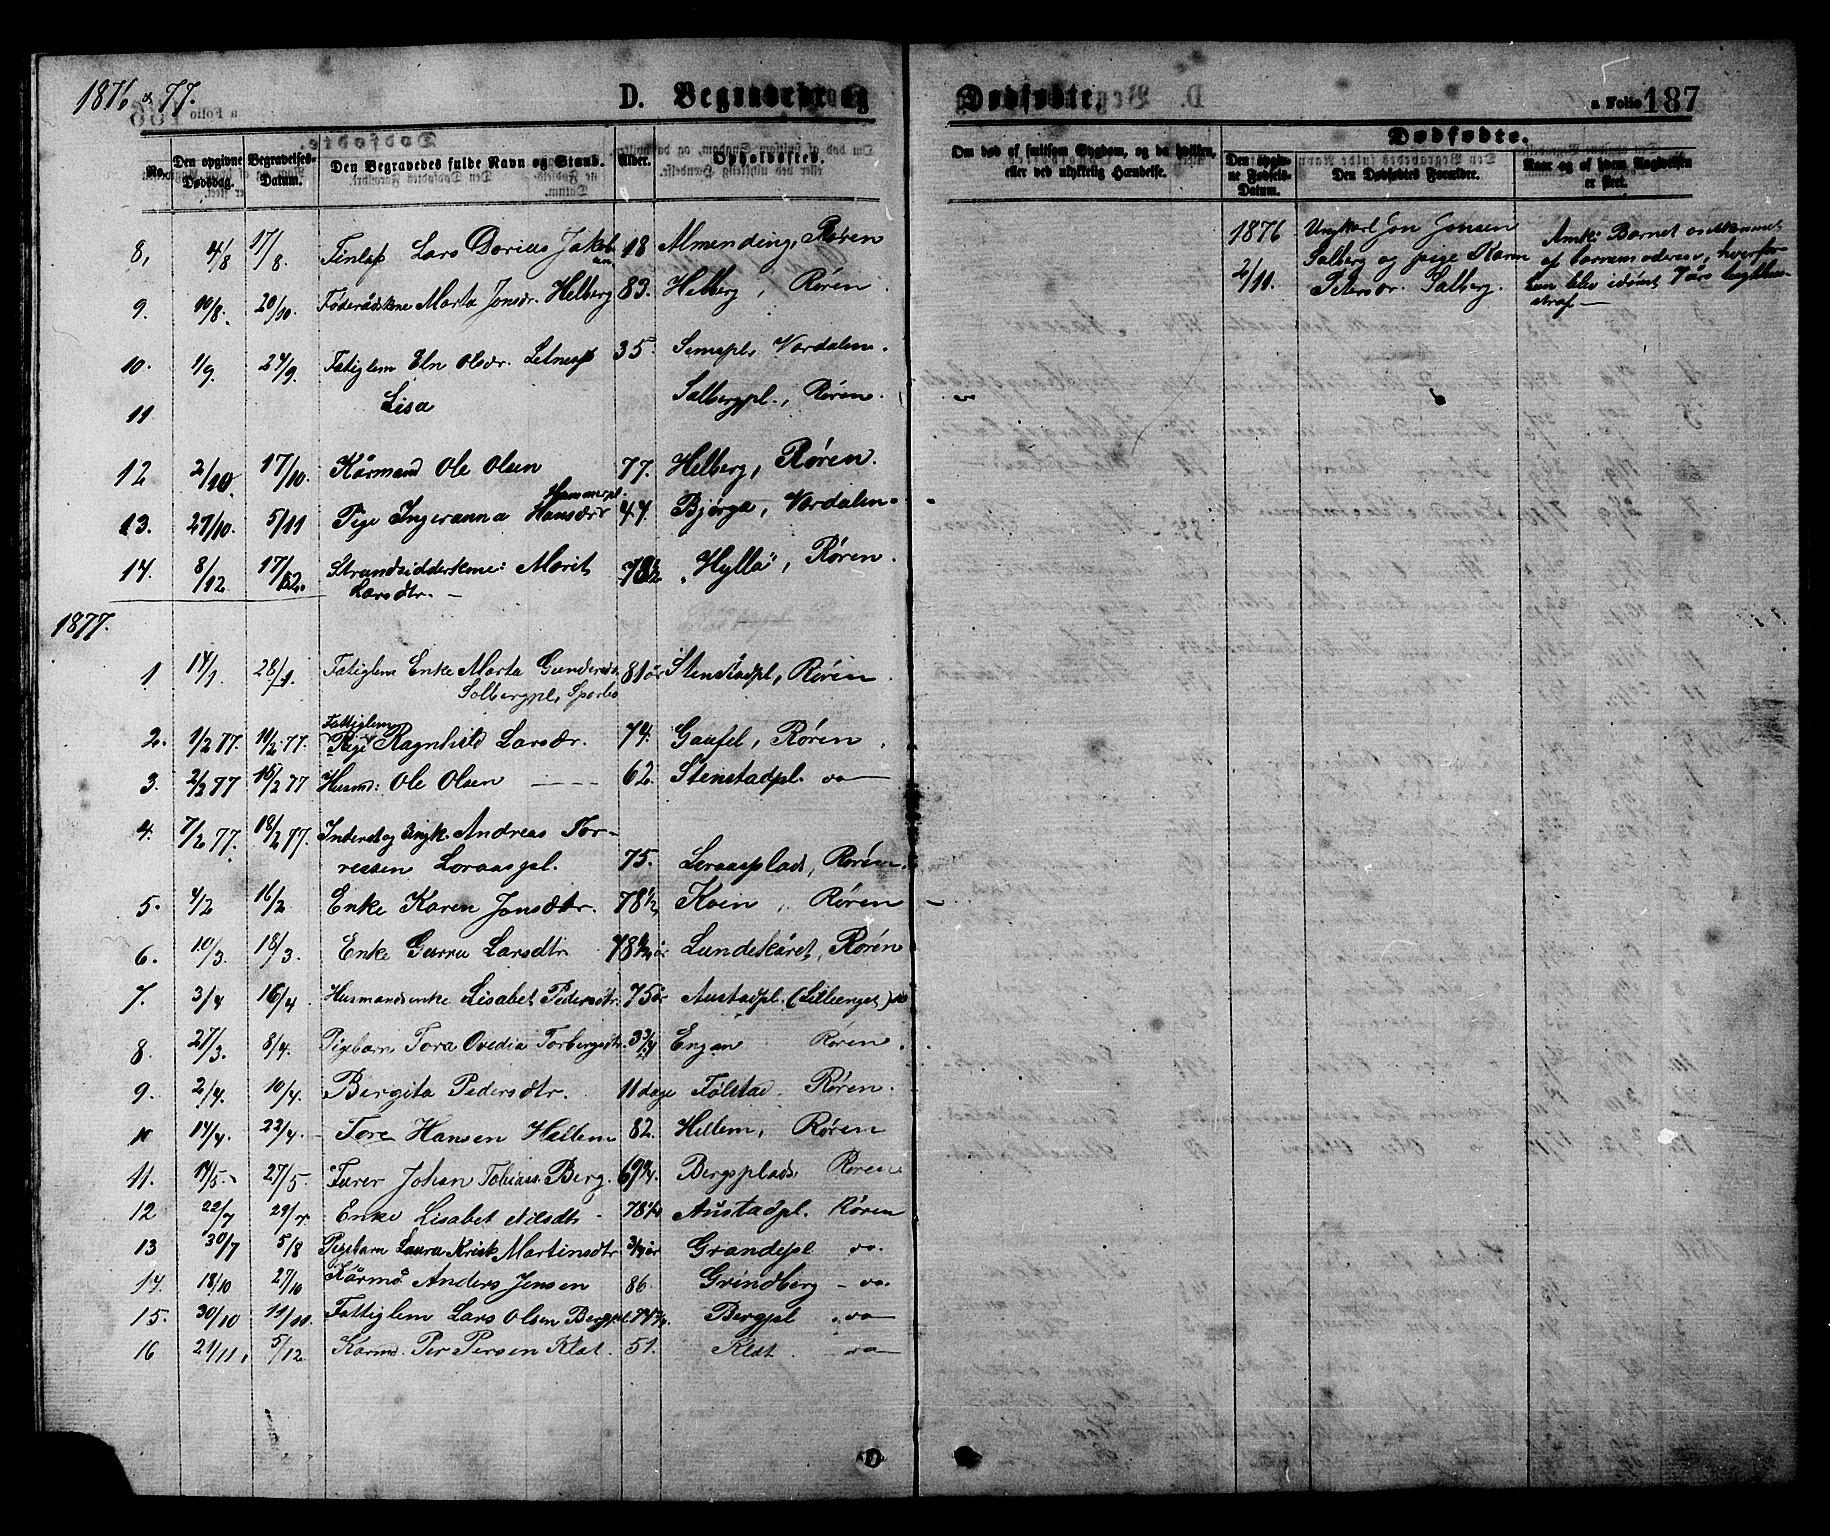 SAT, Ministerialprotokoller, klokkerbøker og fødselsregistre - Nord-Trøndelag, 731/L0311: Klokkerbok nr. 731C02, 1875-1911, s. 187